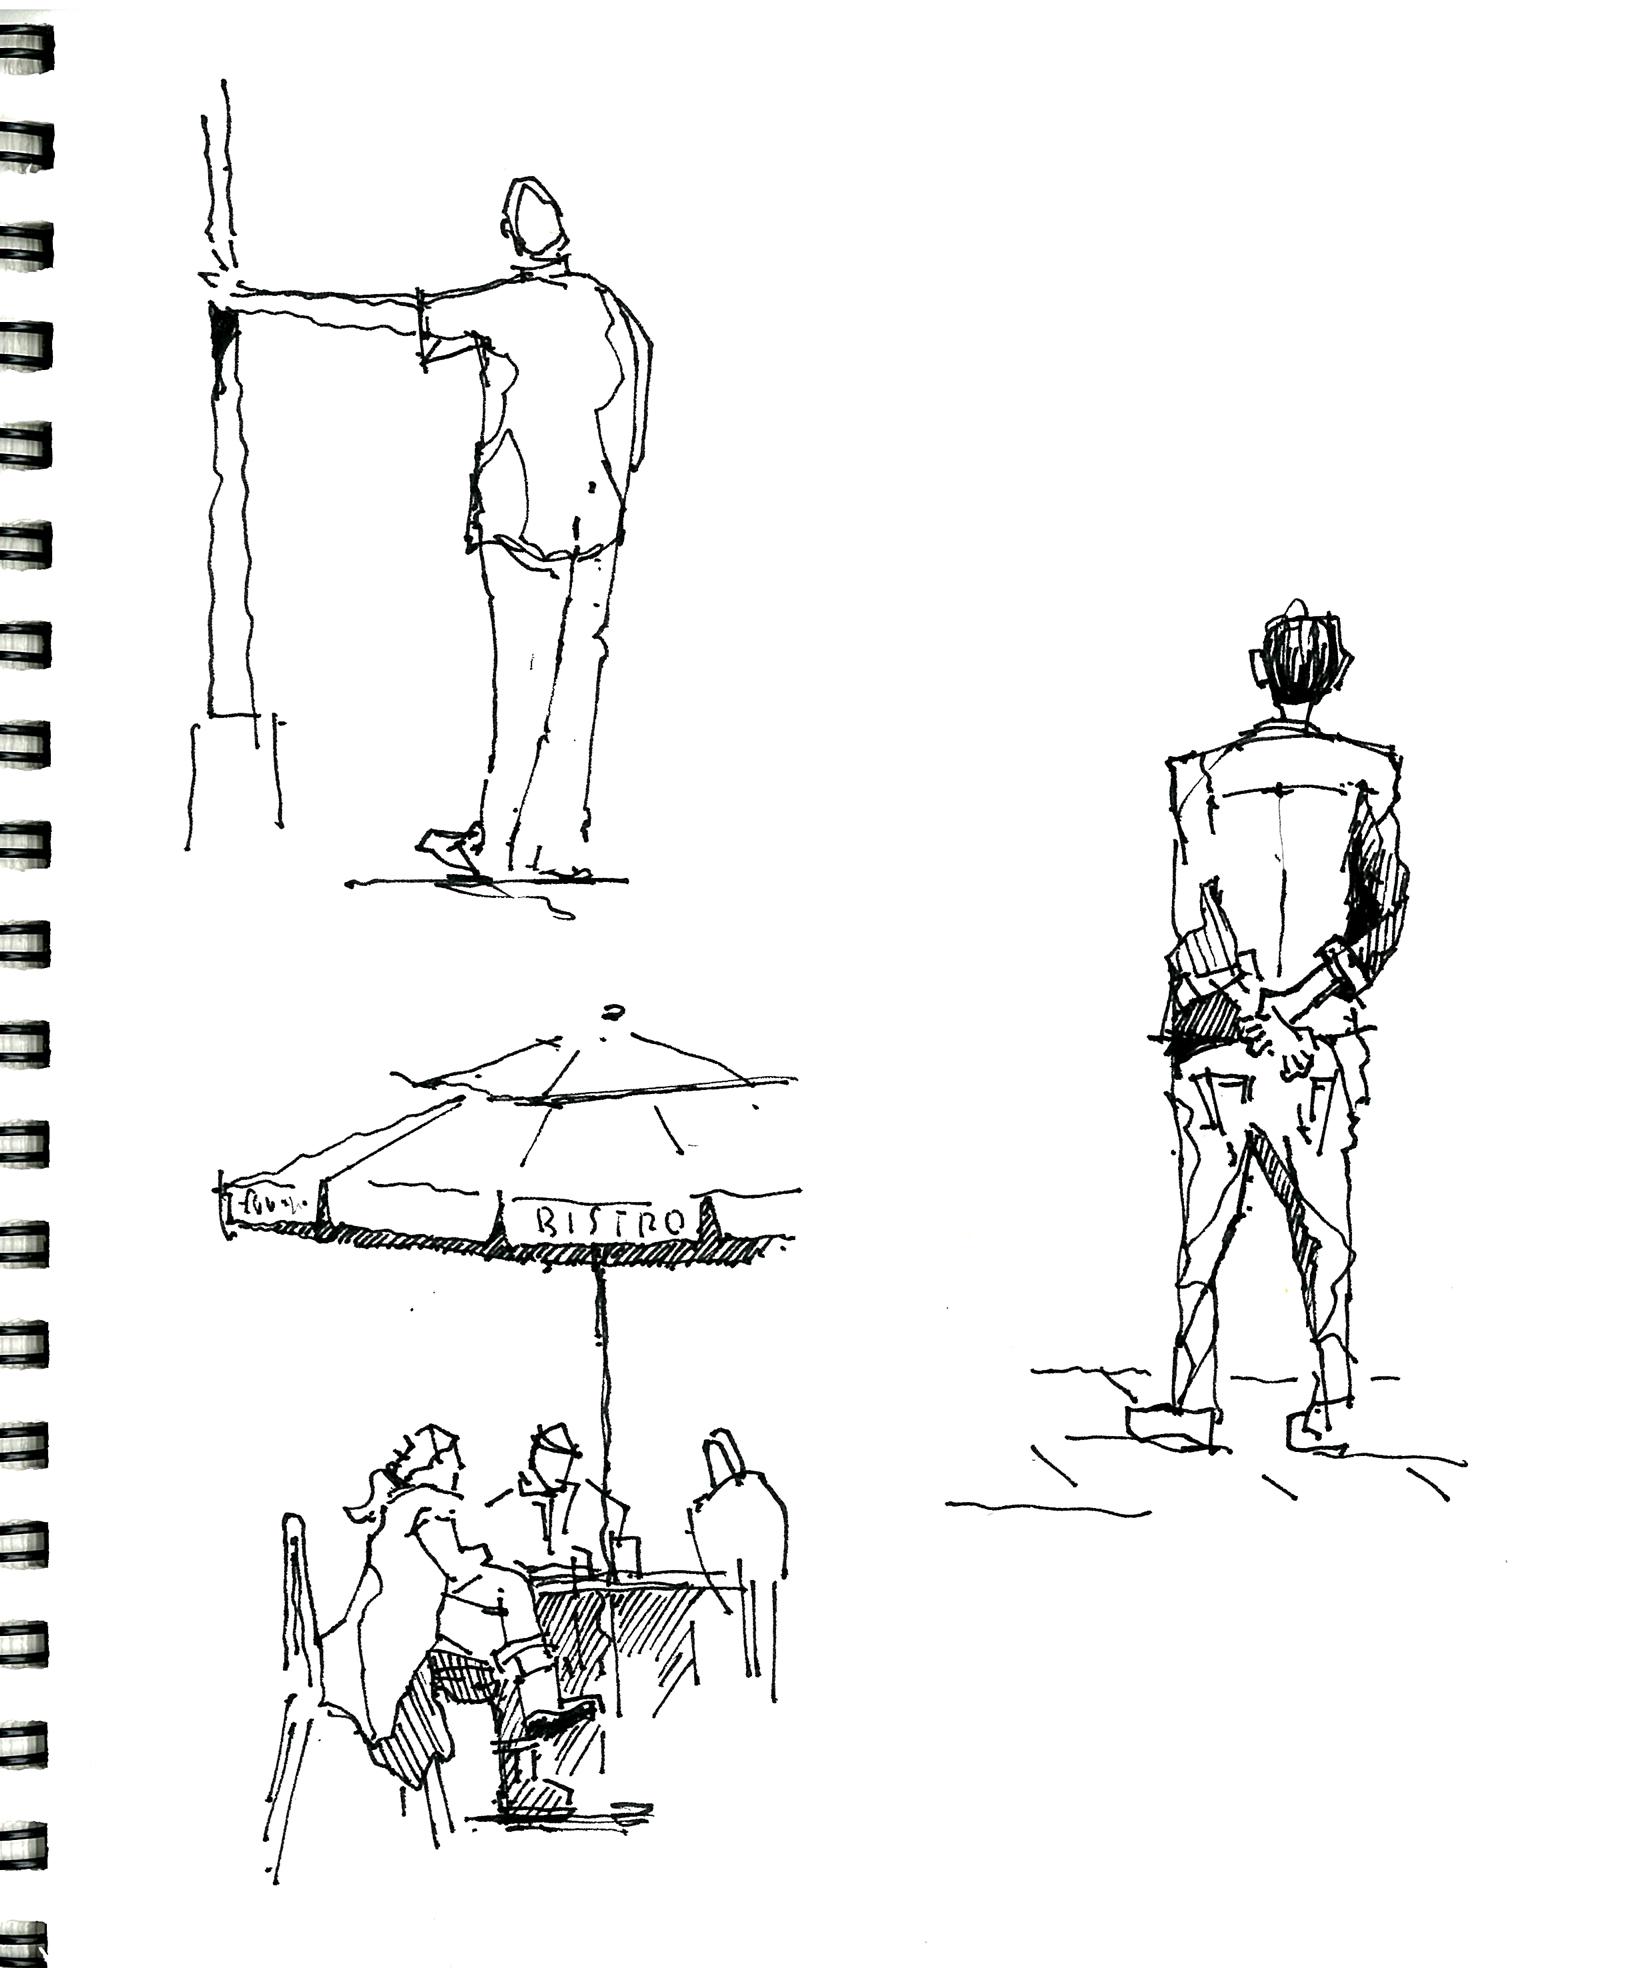 sketch-people1.jpg